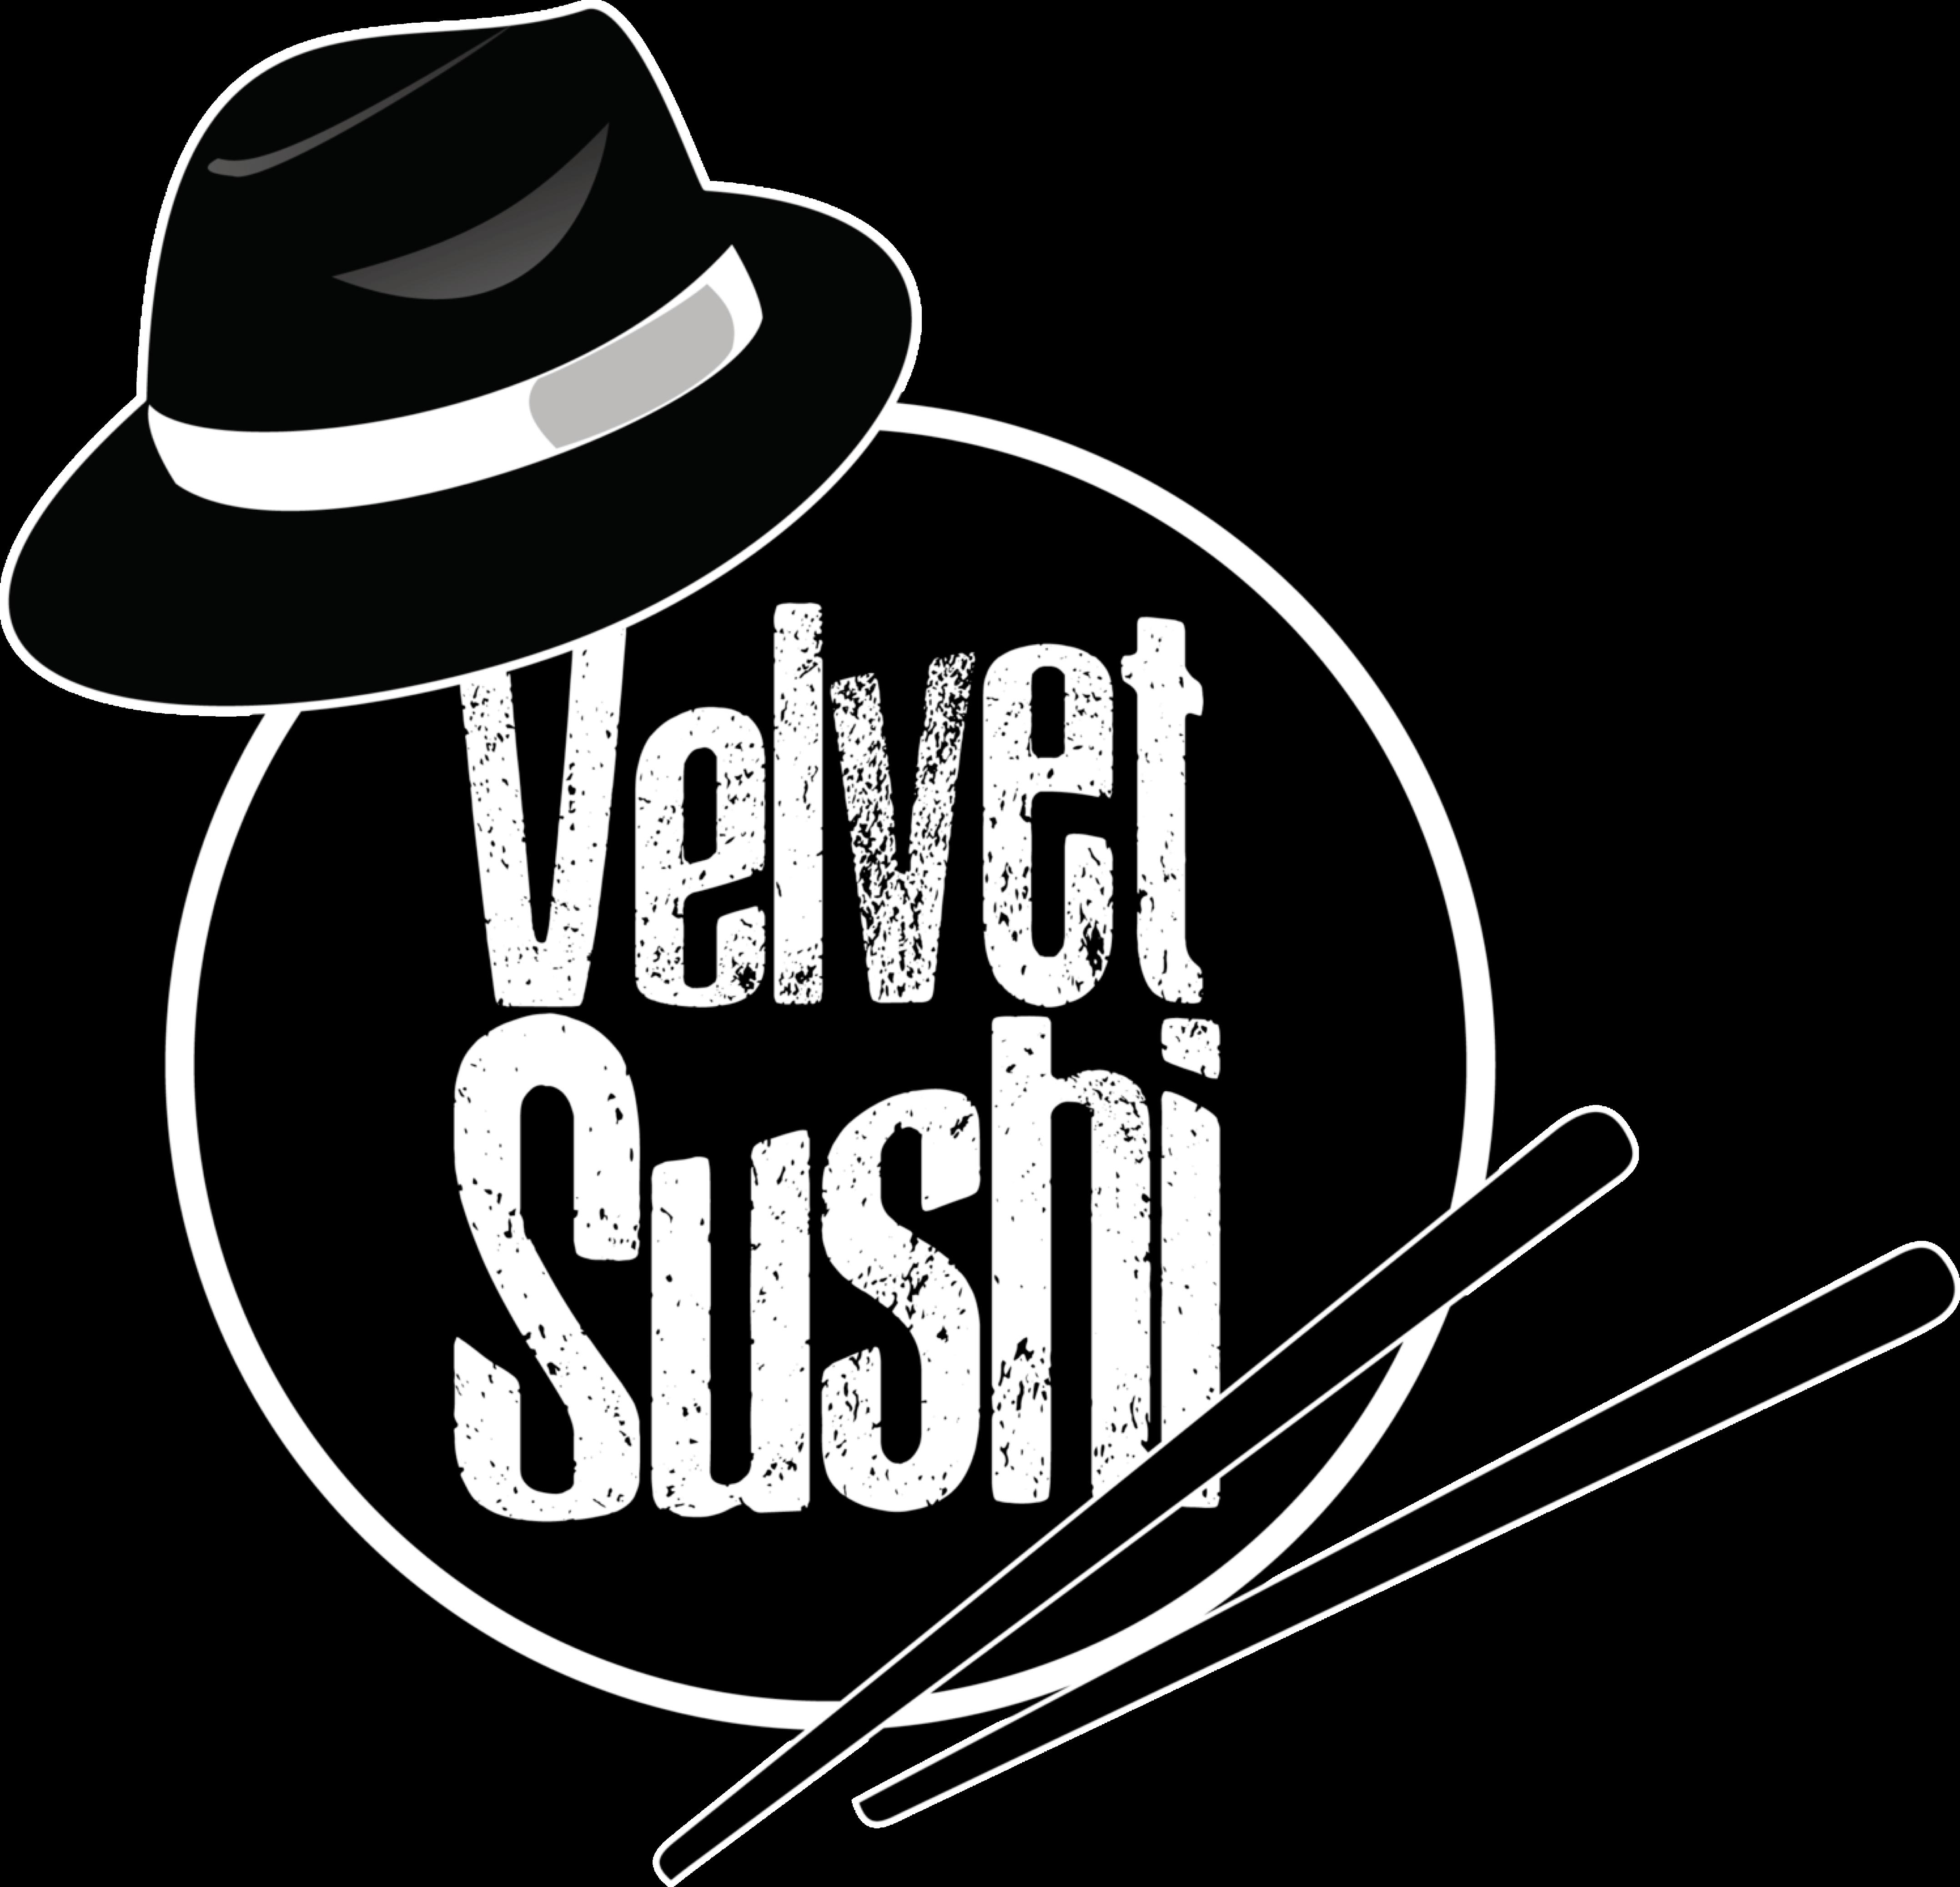 Velvet-Sushi-Jazz-Band-Website-Design-Logo